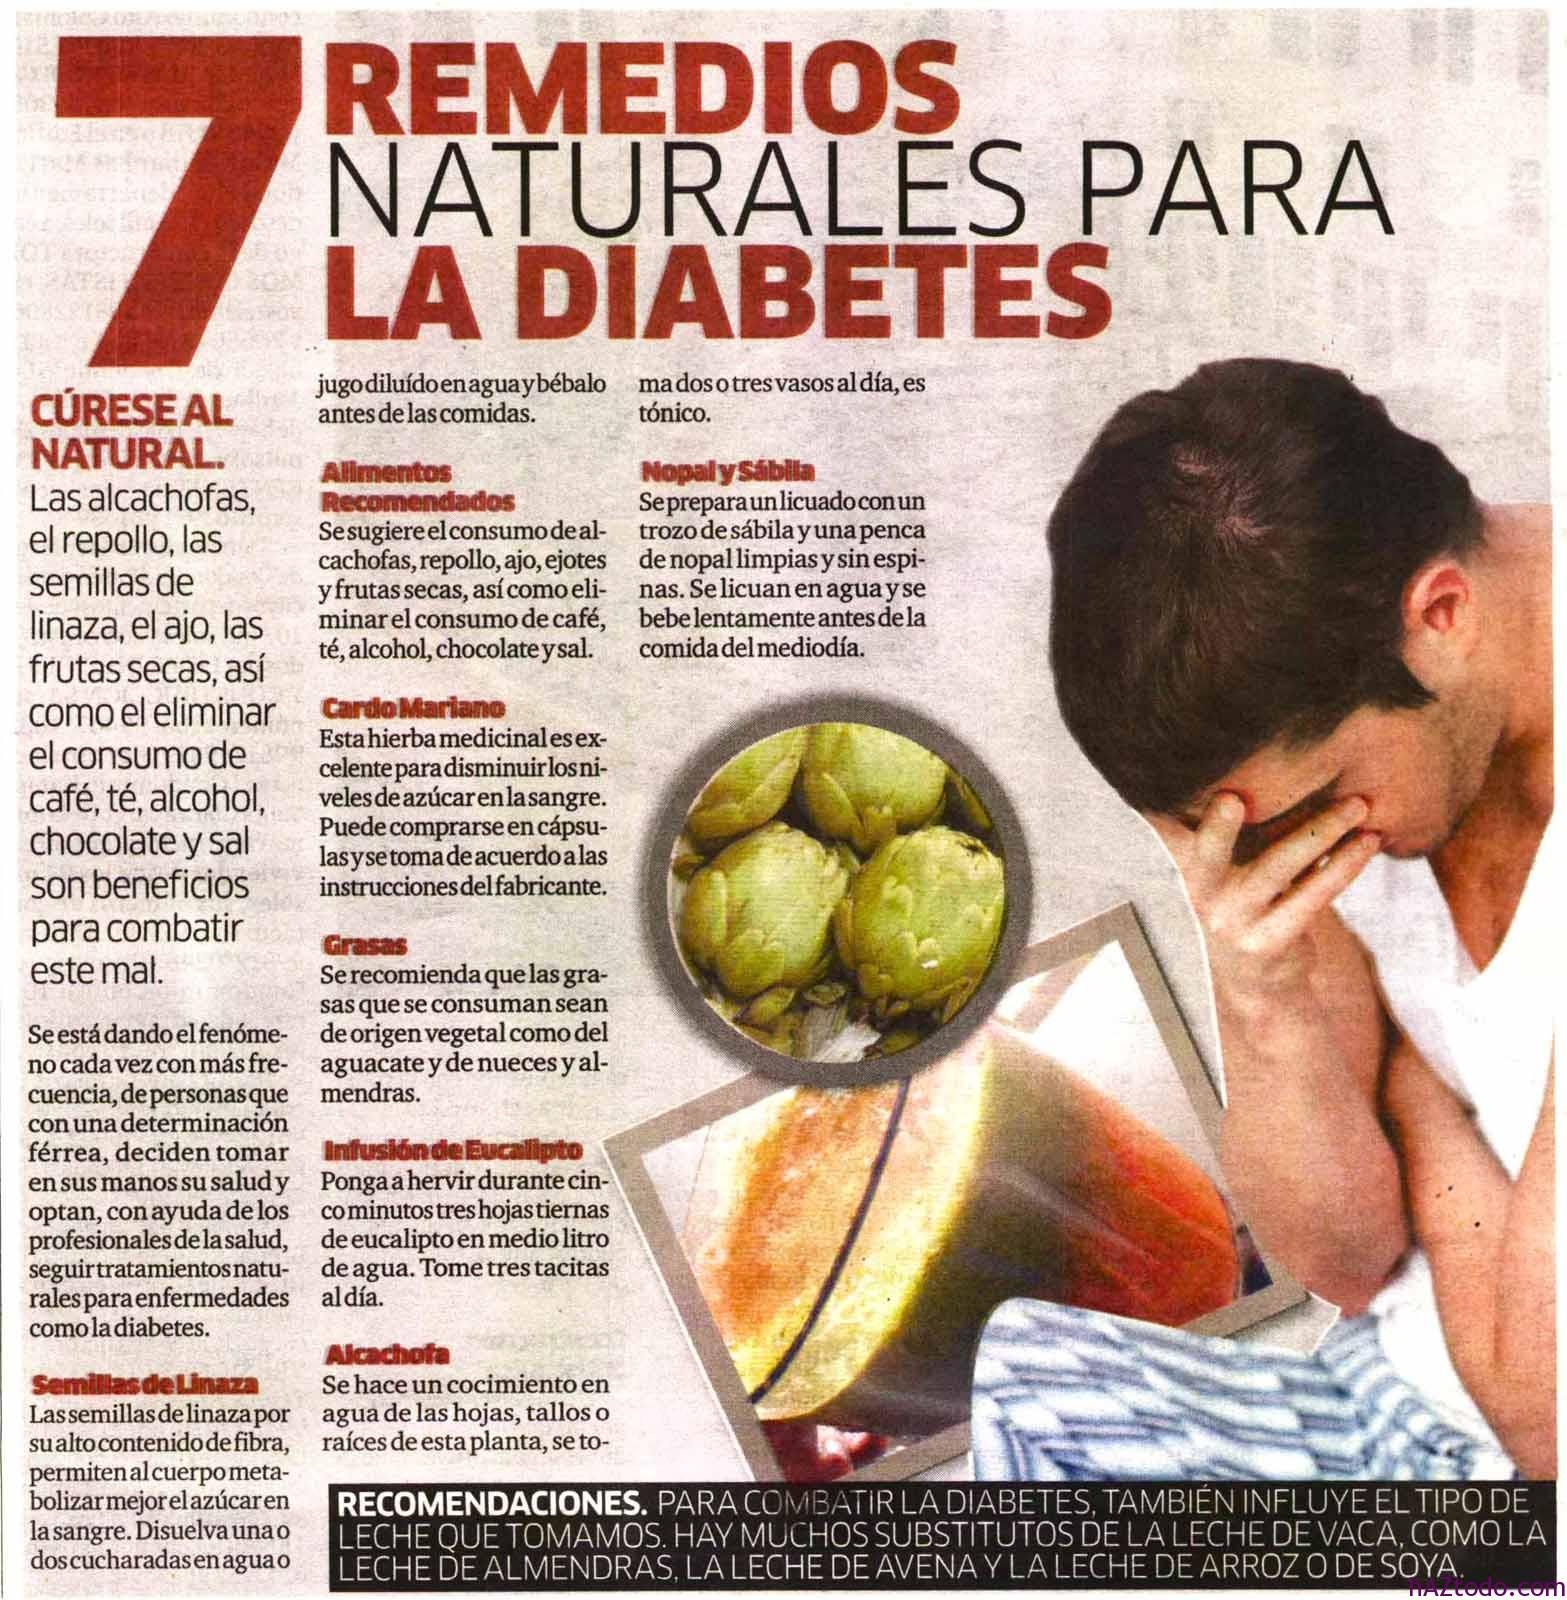 medicamentos naturistas para la diabetes